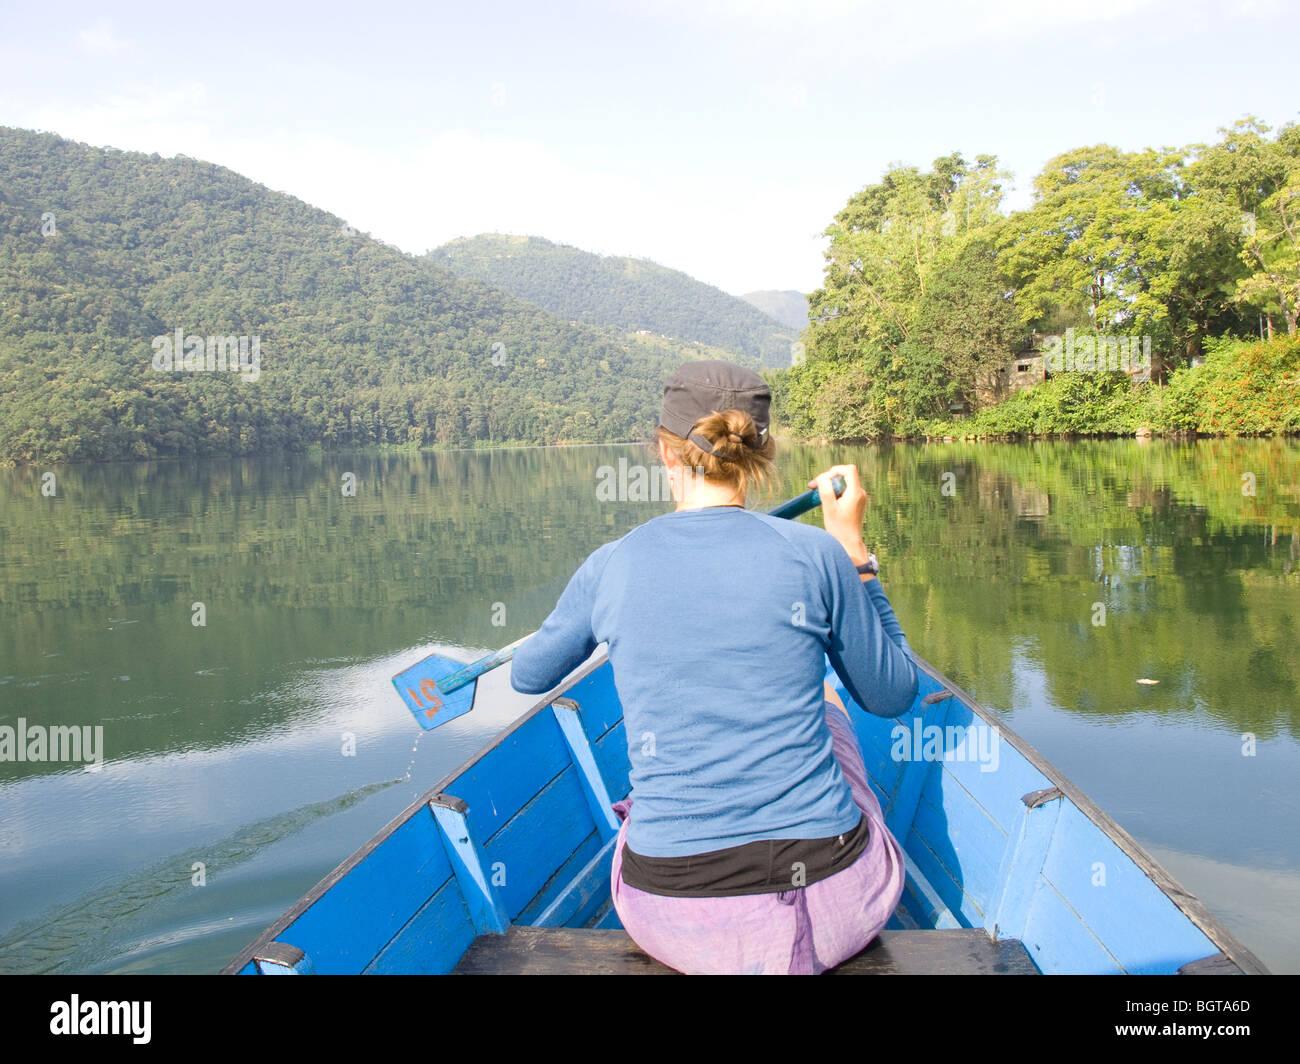 A woman rowing a canoe on Phewa lake, Pokhara, Nepal. - Stock Image